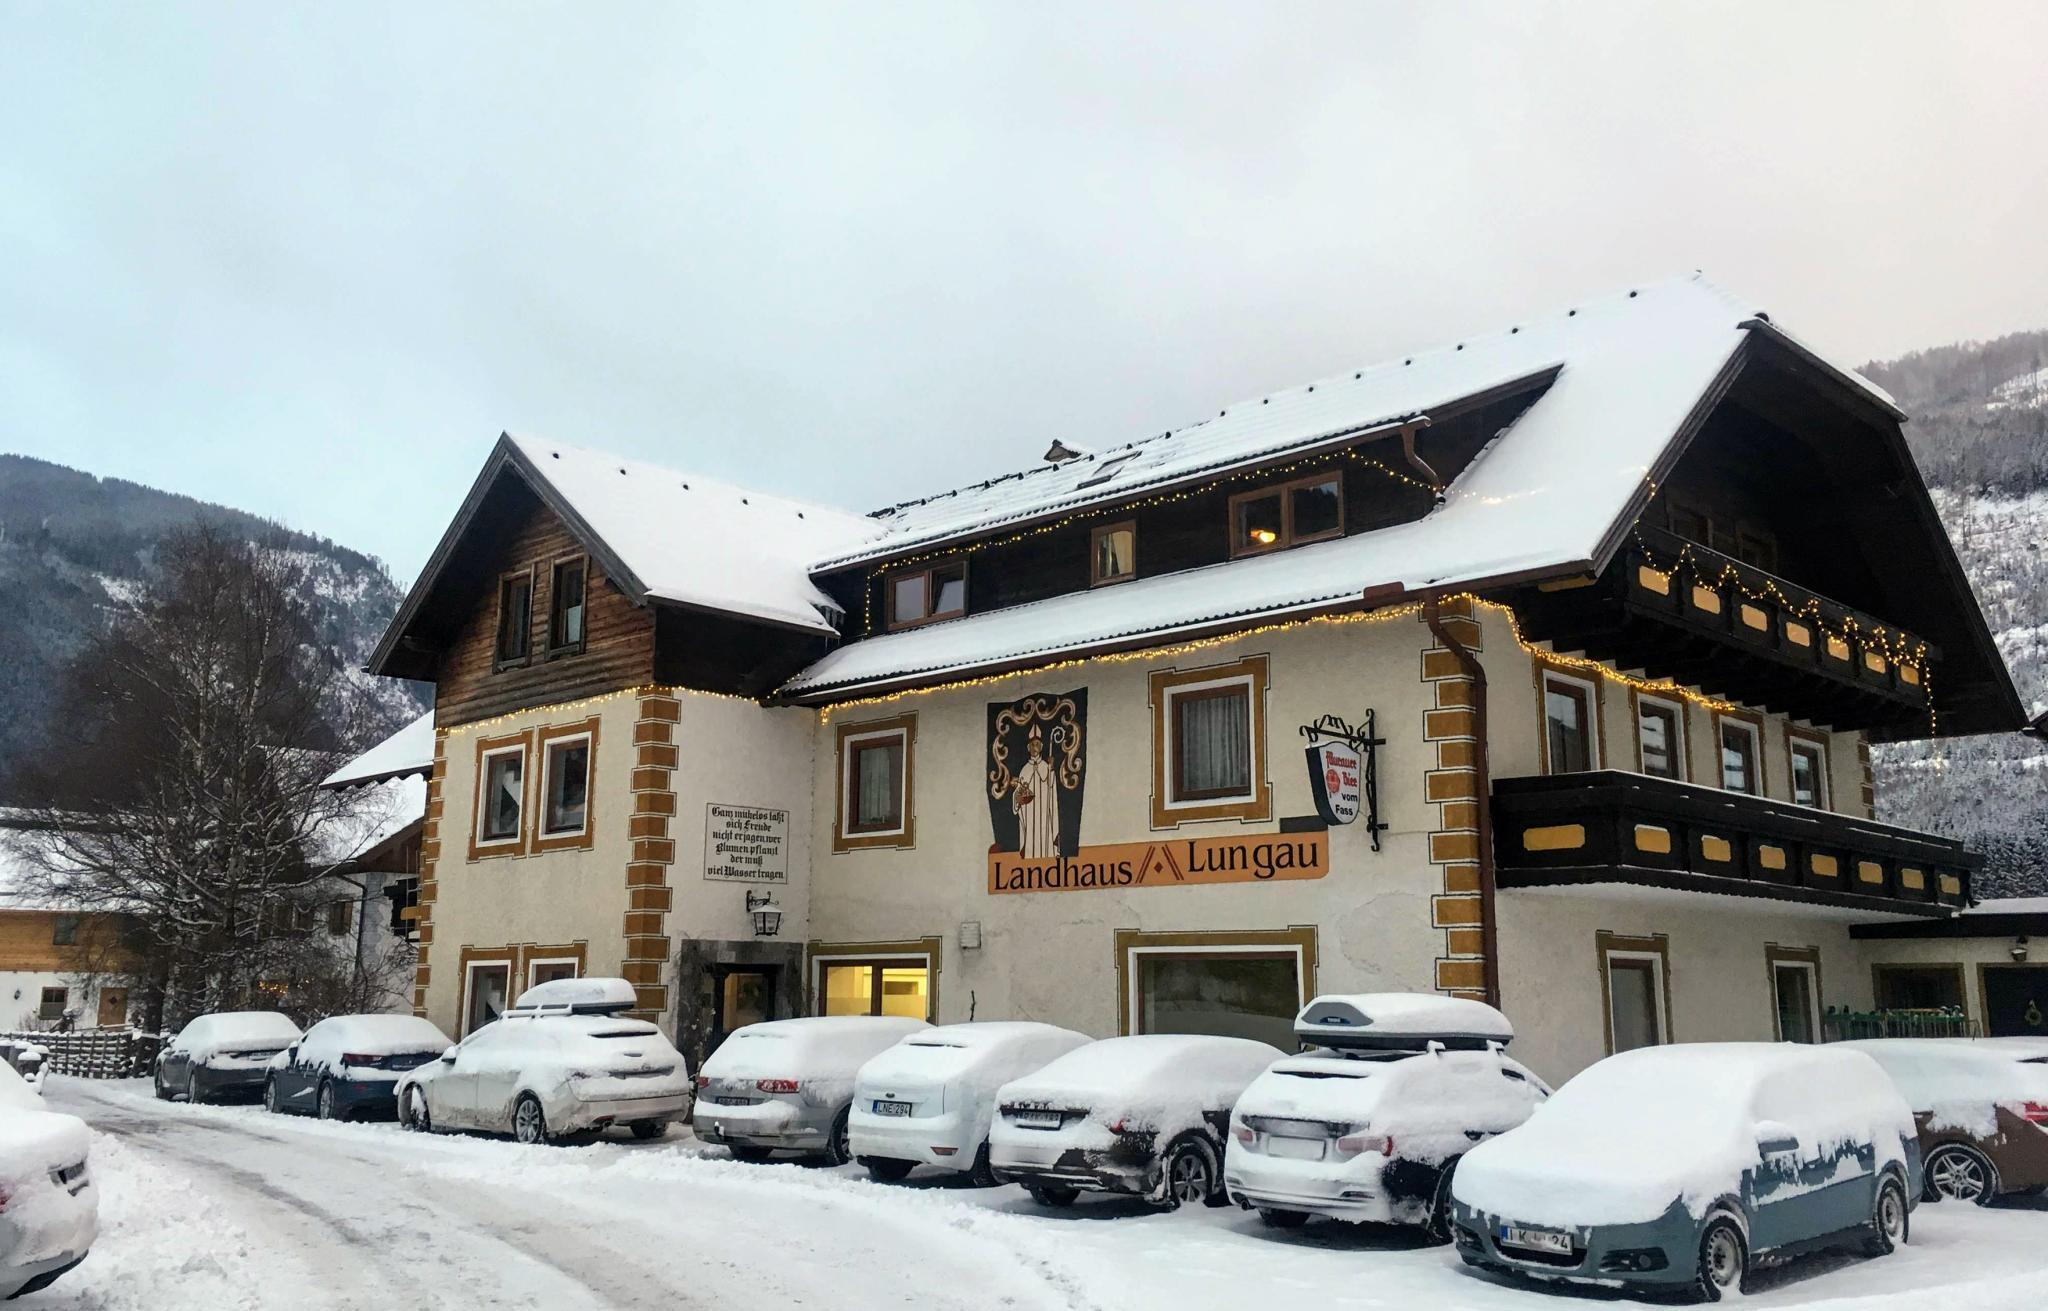 Meer info over Landhaus Lungau  bij Summittravel